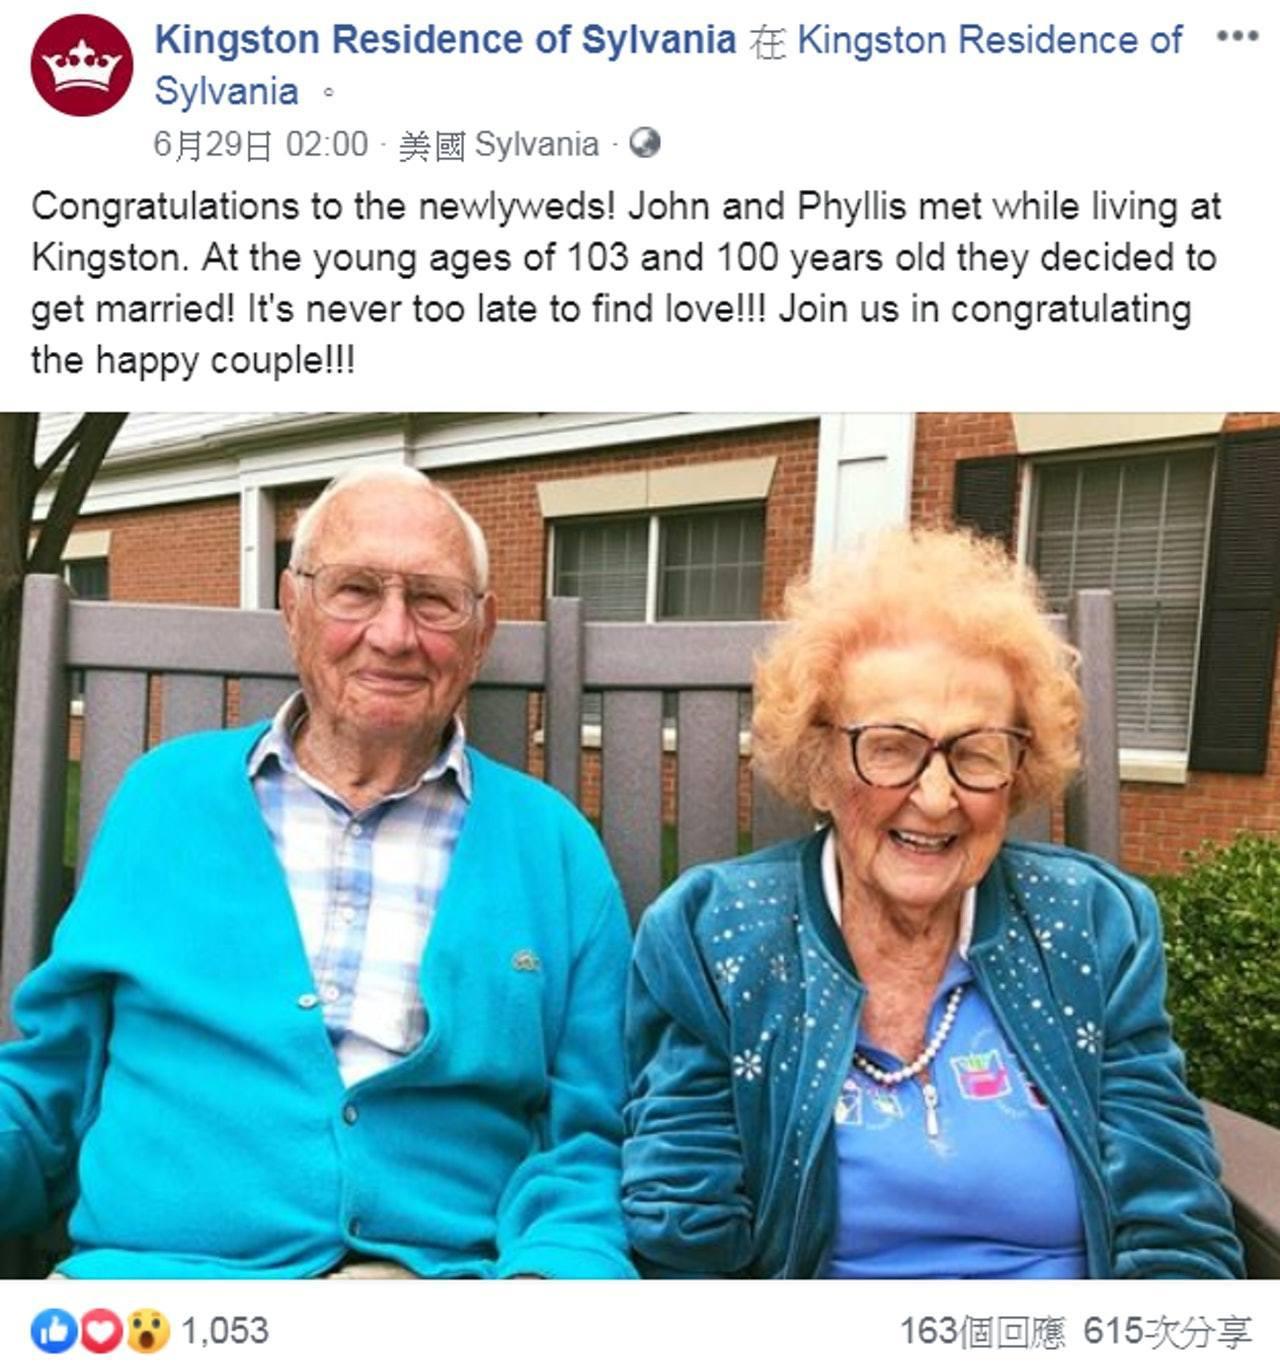 约翰及菲莉丝居住的老人院在fb上发文,祝他们生活幸福快乐。(fb专页「Kings...